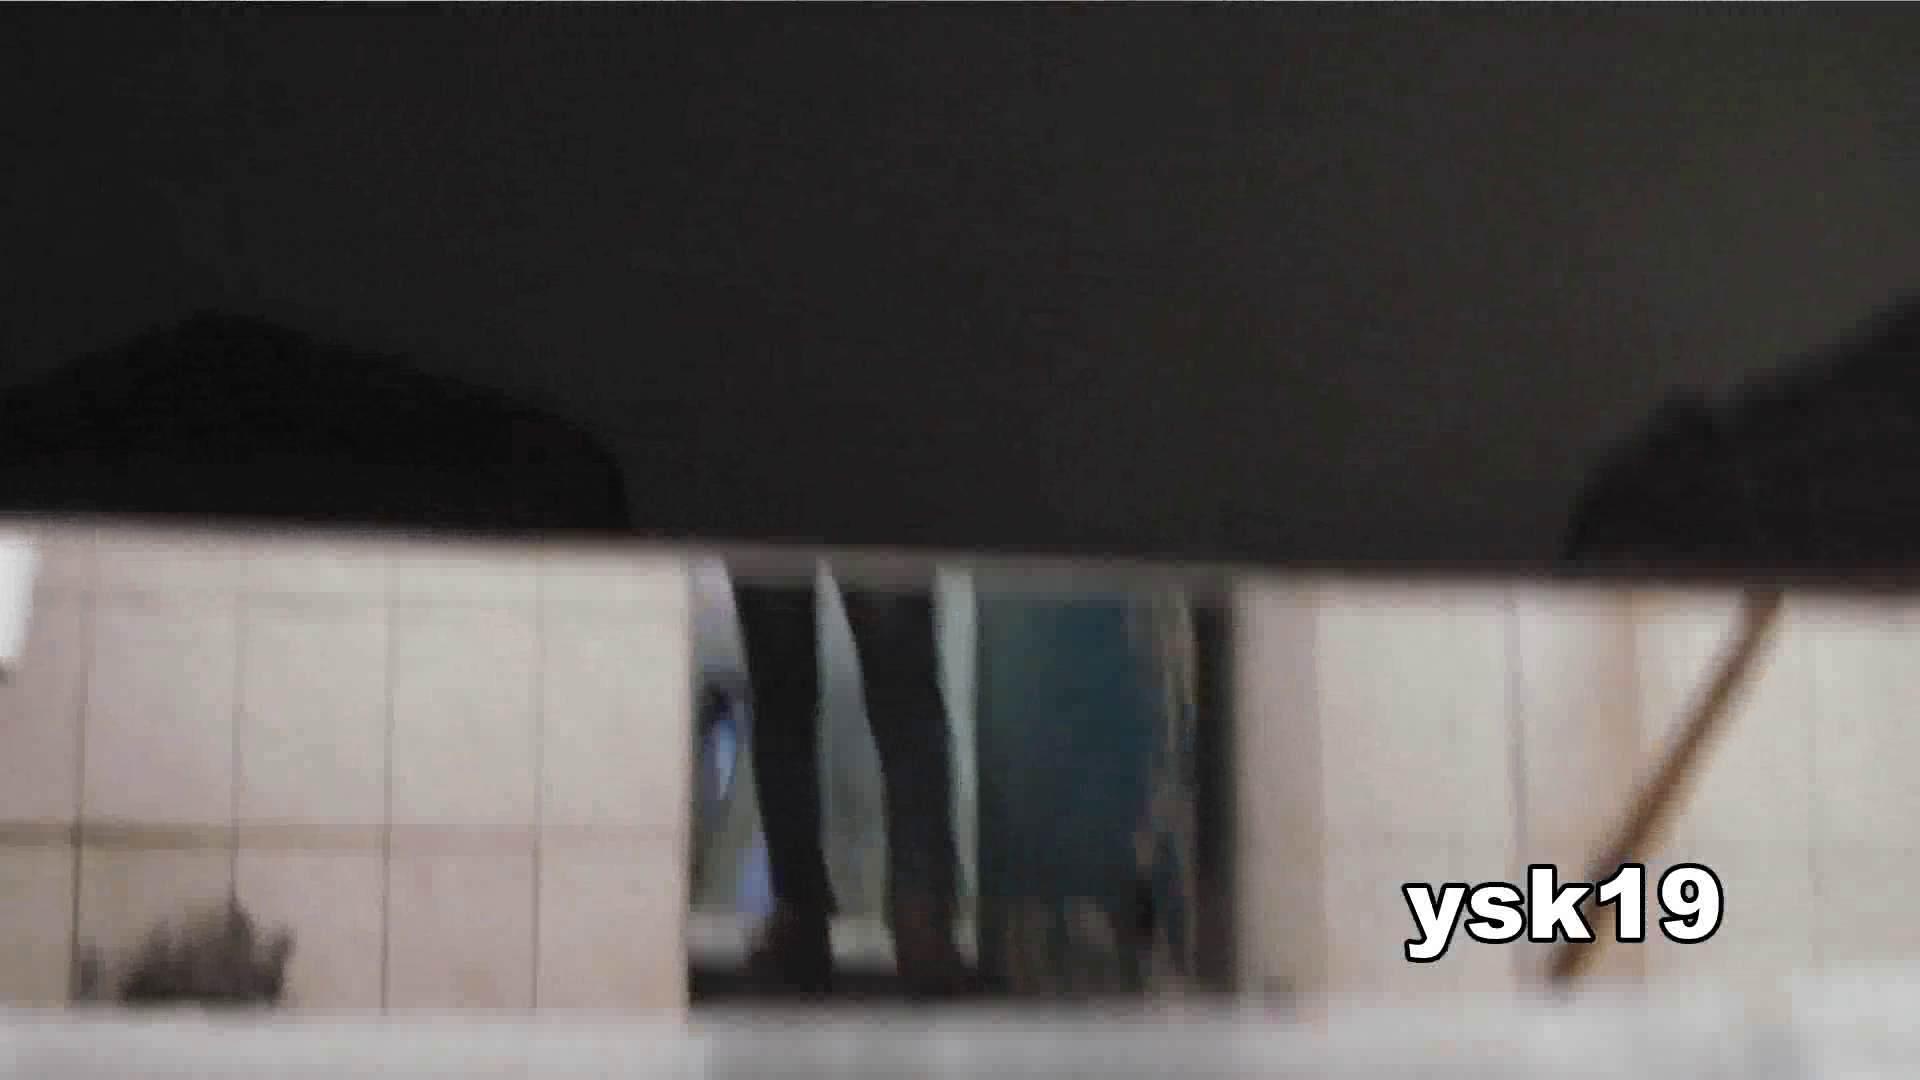 ヤリマンのオマンコ:世界の射窓から ステーション編 vol.19 バレた!扉蹴られゆきりん大ピンチ!:怪盗ジョーカー